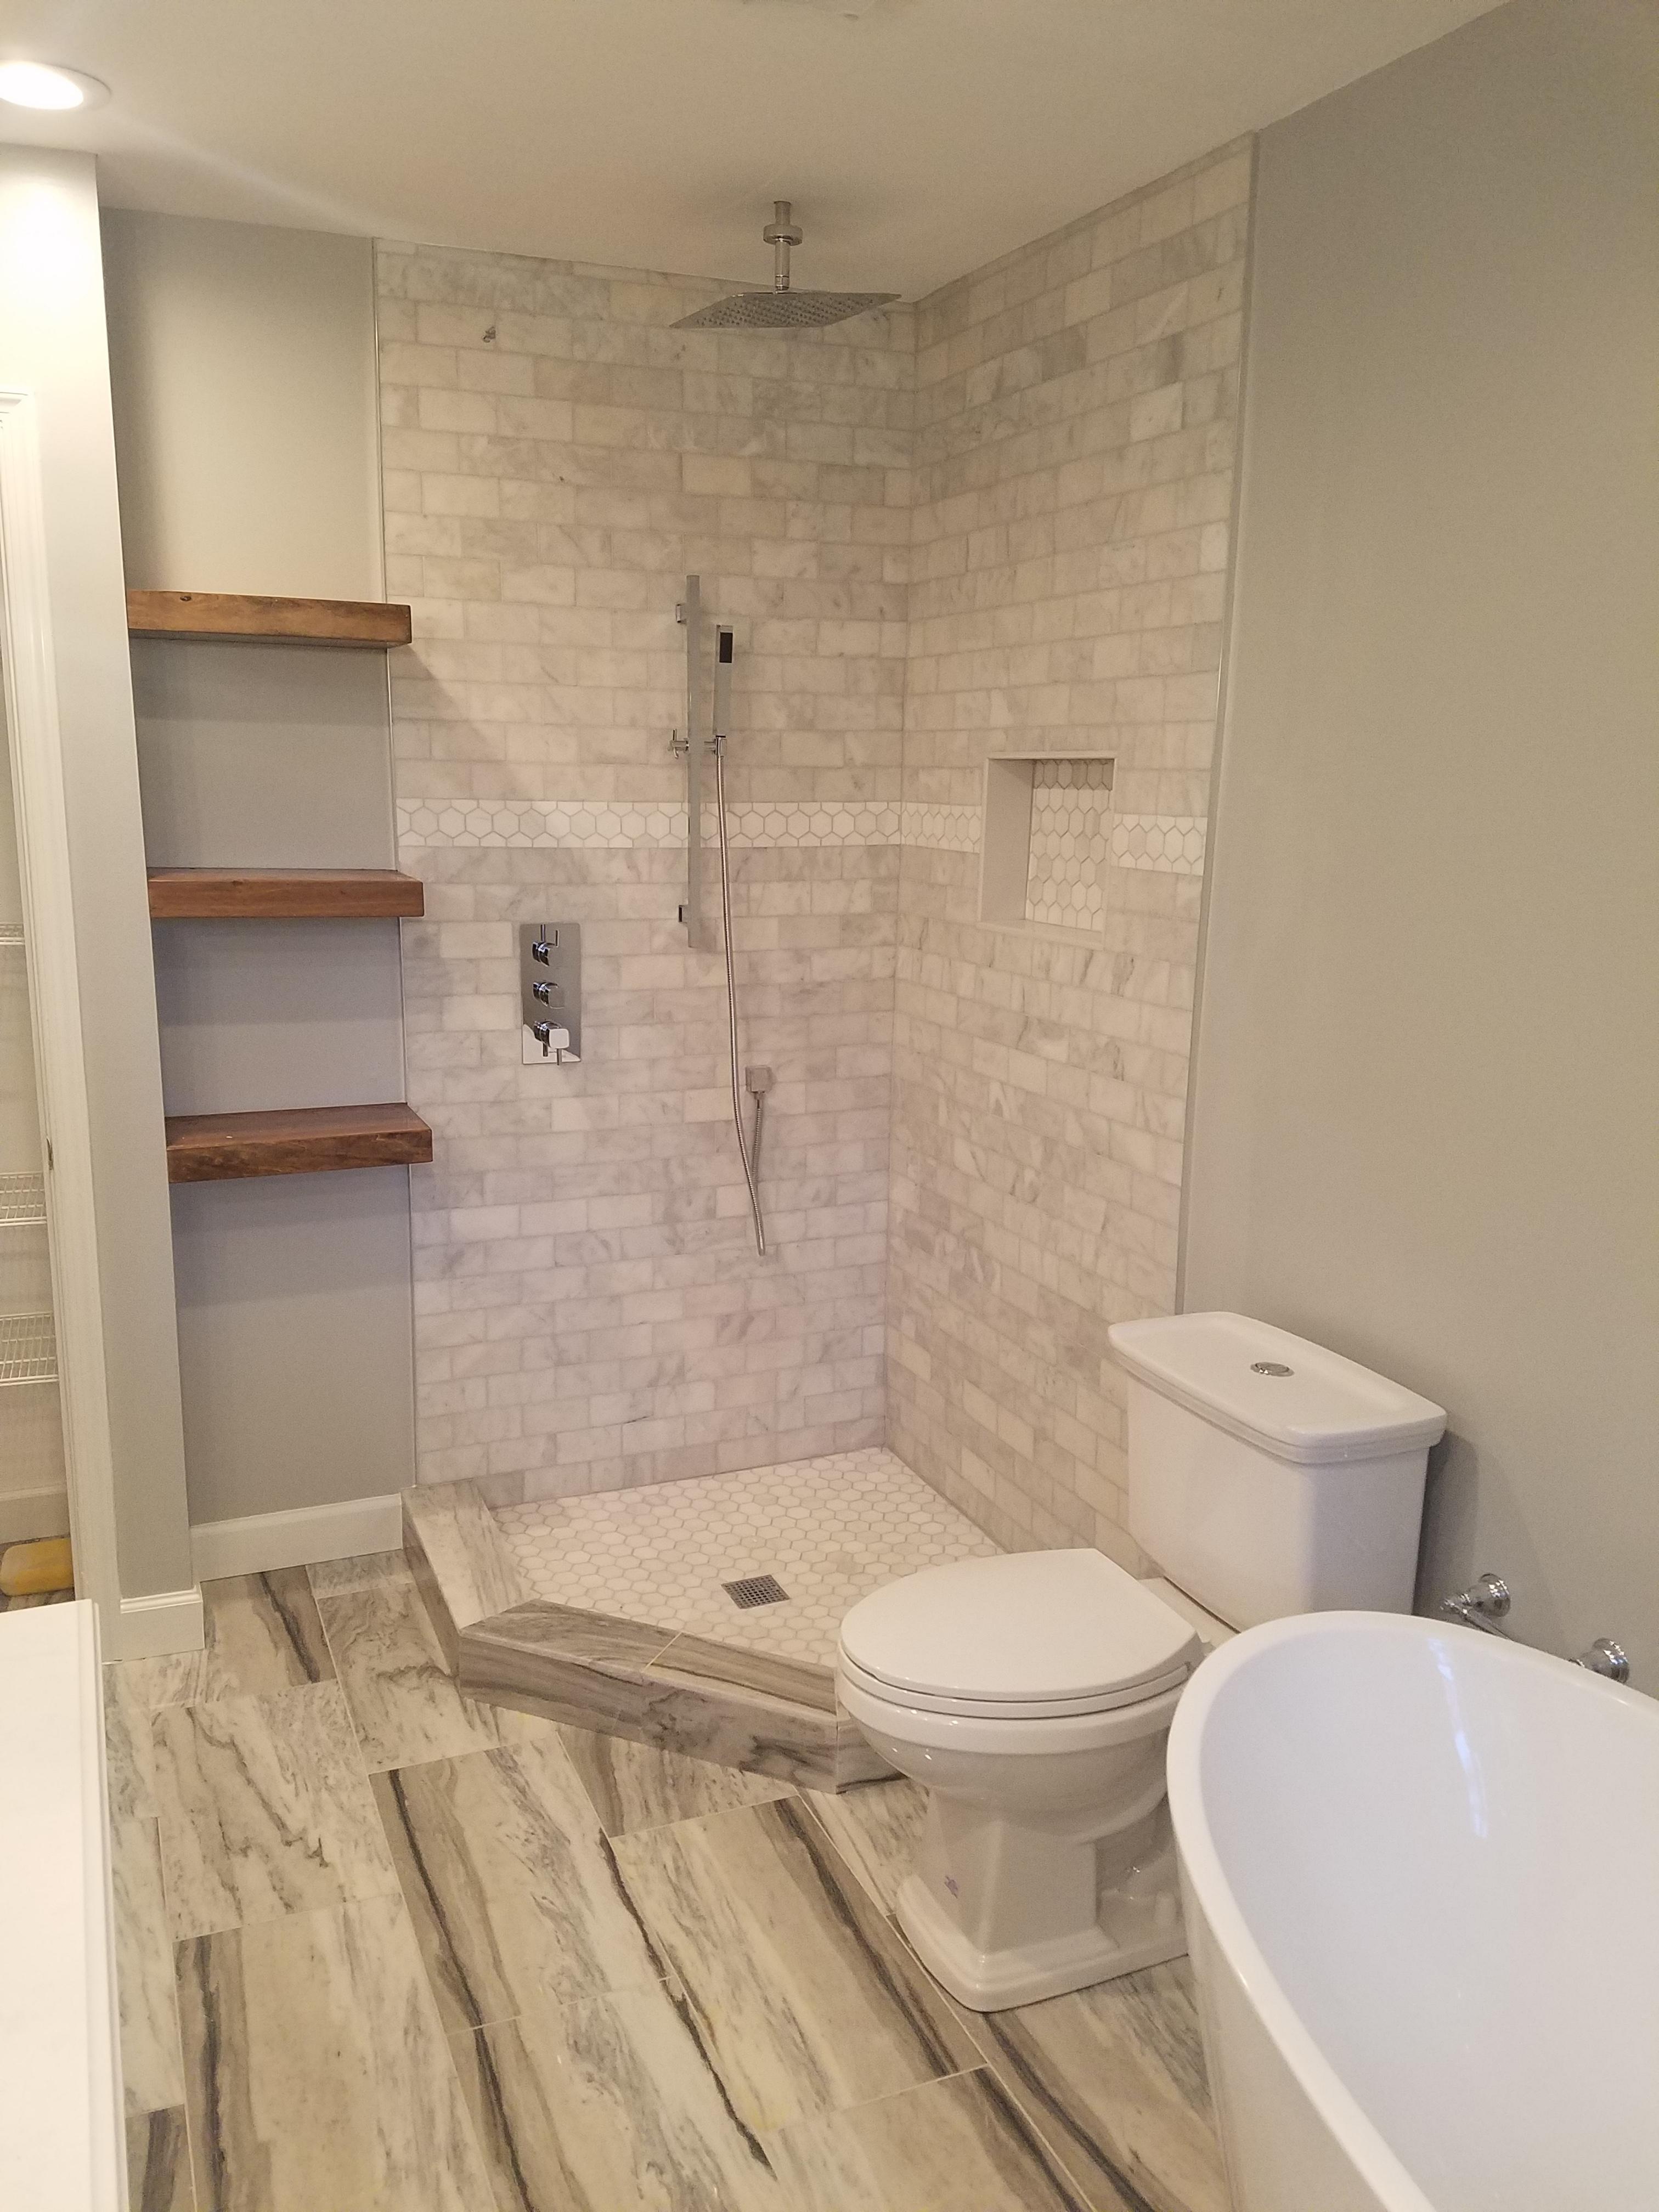 Local bathroom contractors get a free estimate online now for Local bathroom contractors